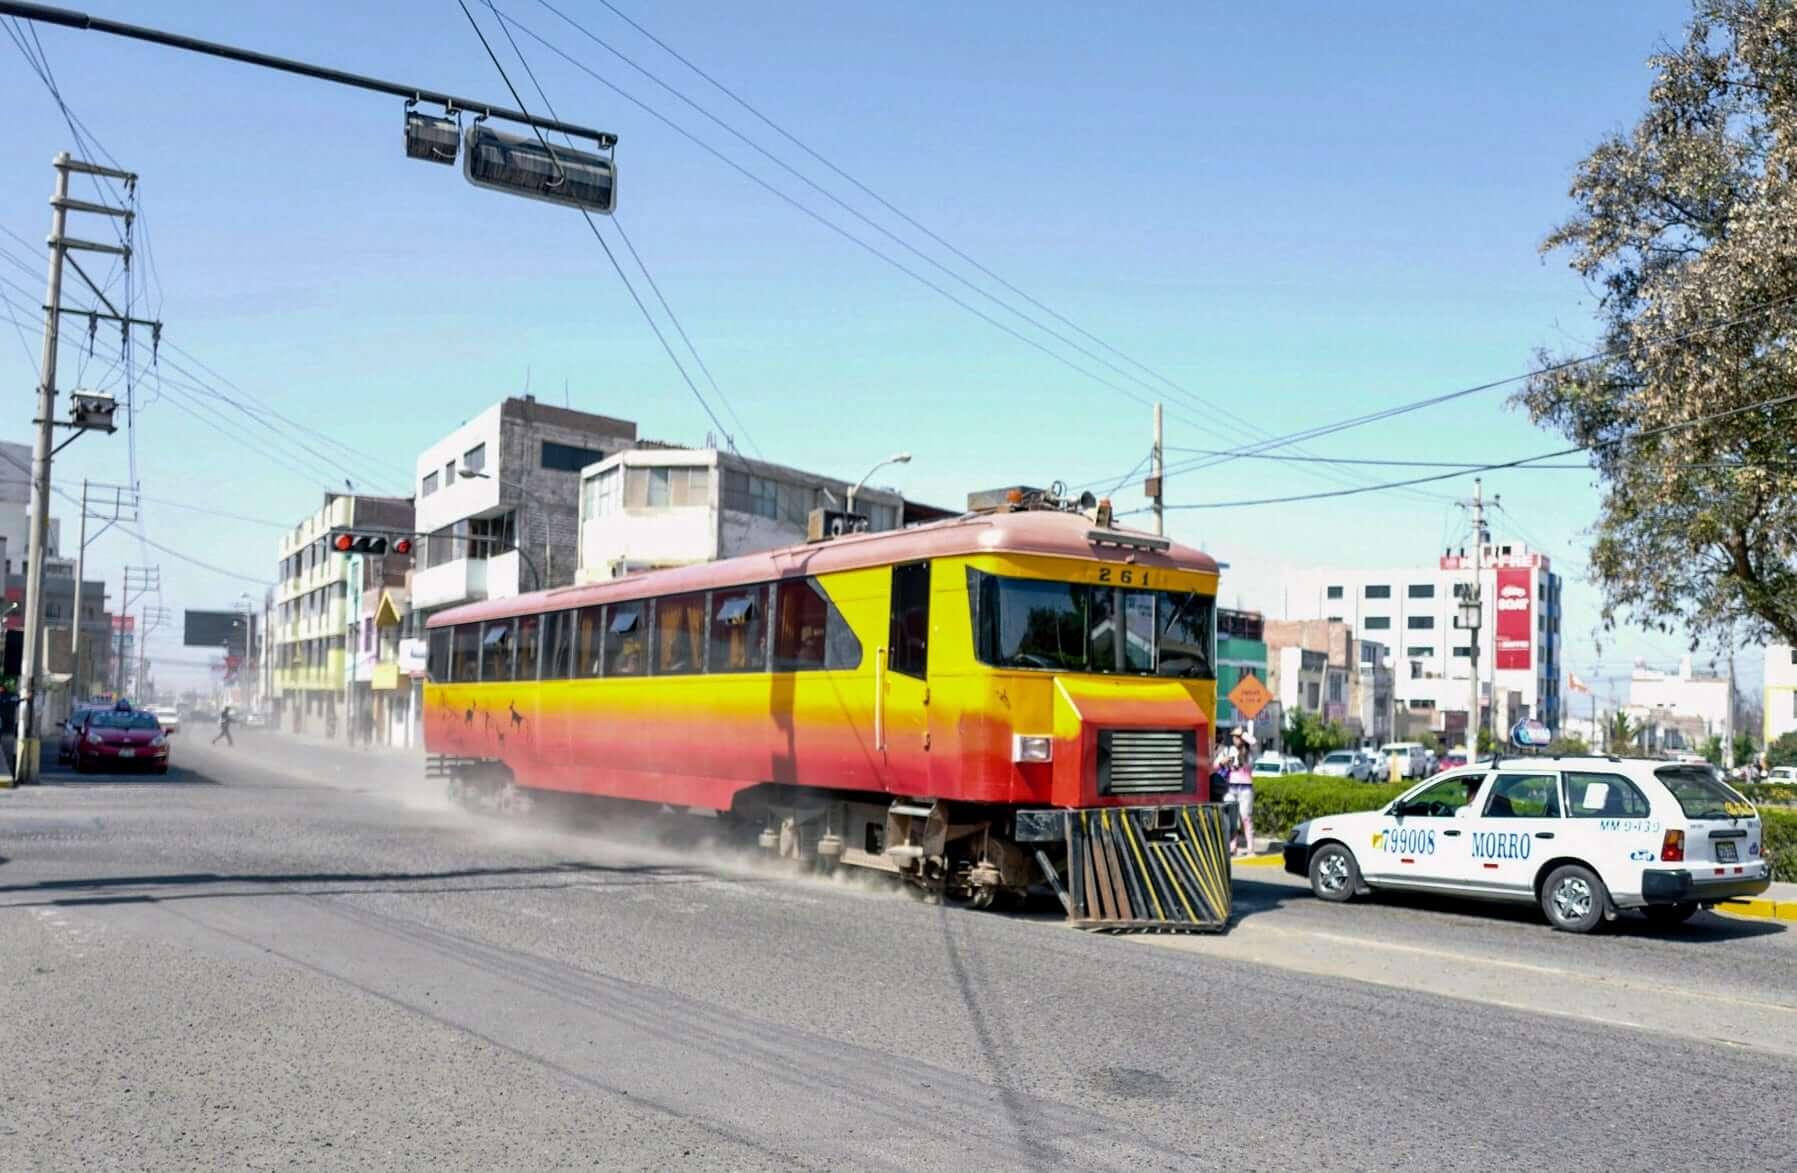 Train from Arica arrives in Tacna, Peru